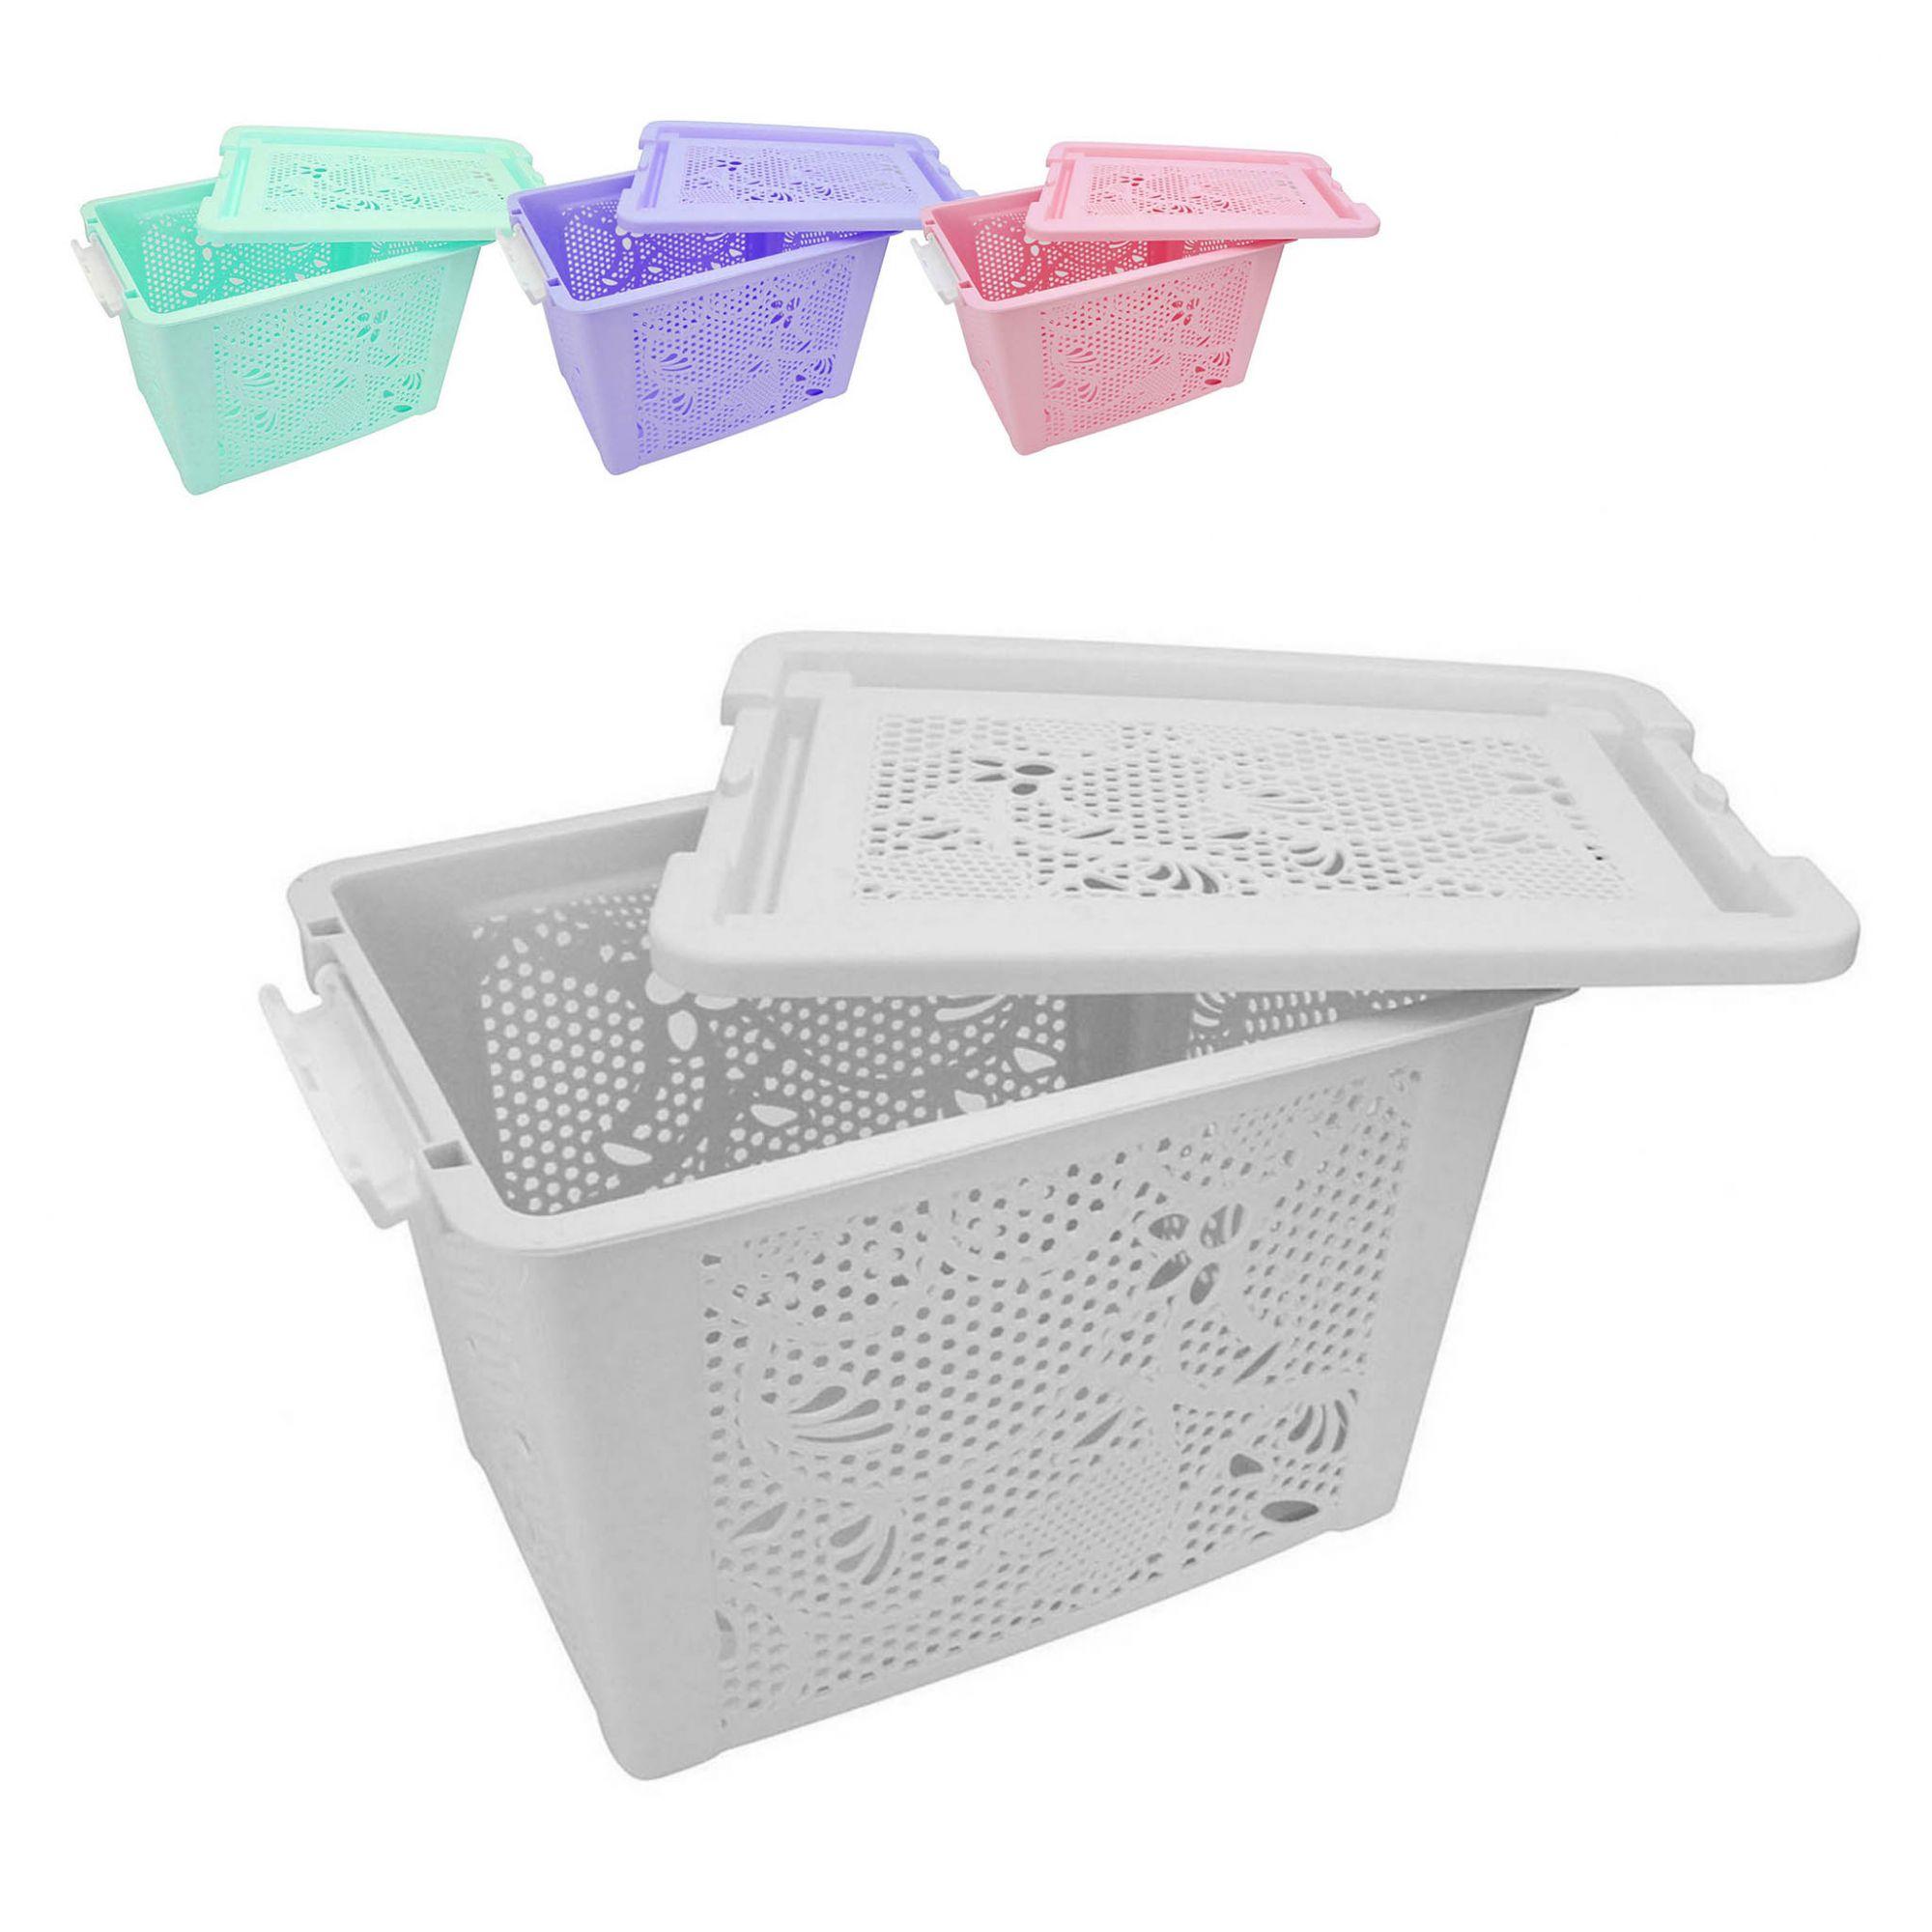 Cesta Plastica Organizadora com tampa 52X37,5X22cm